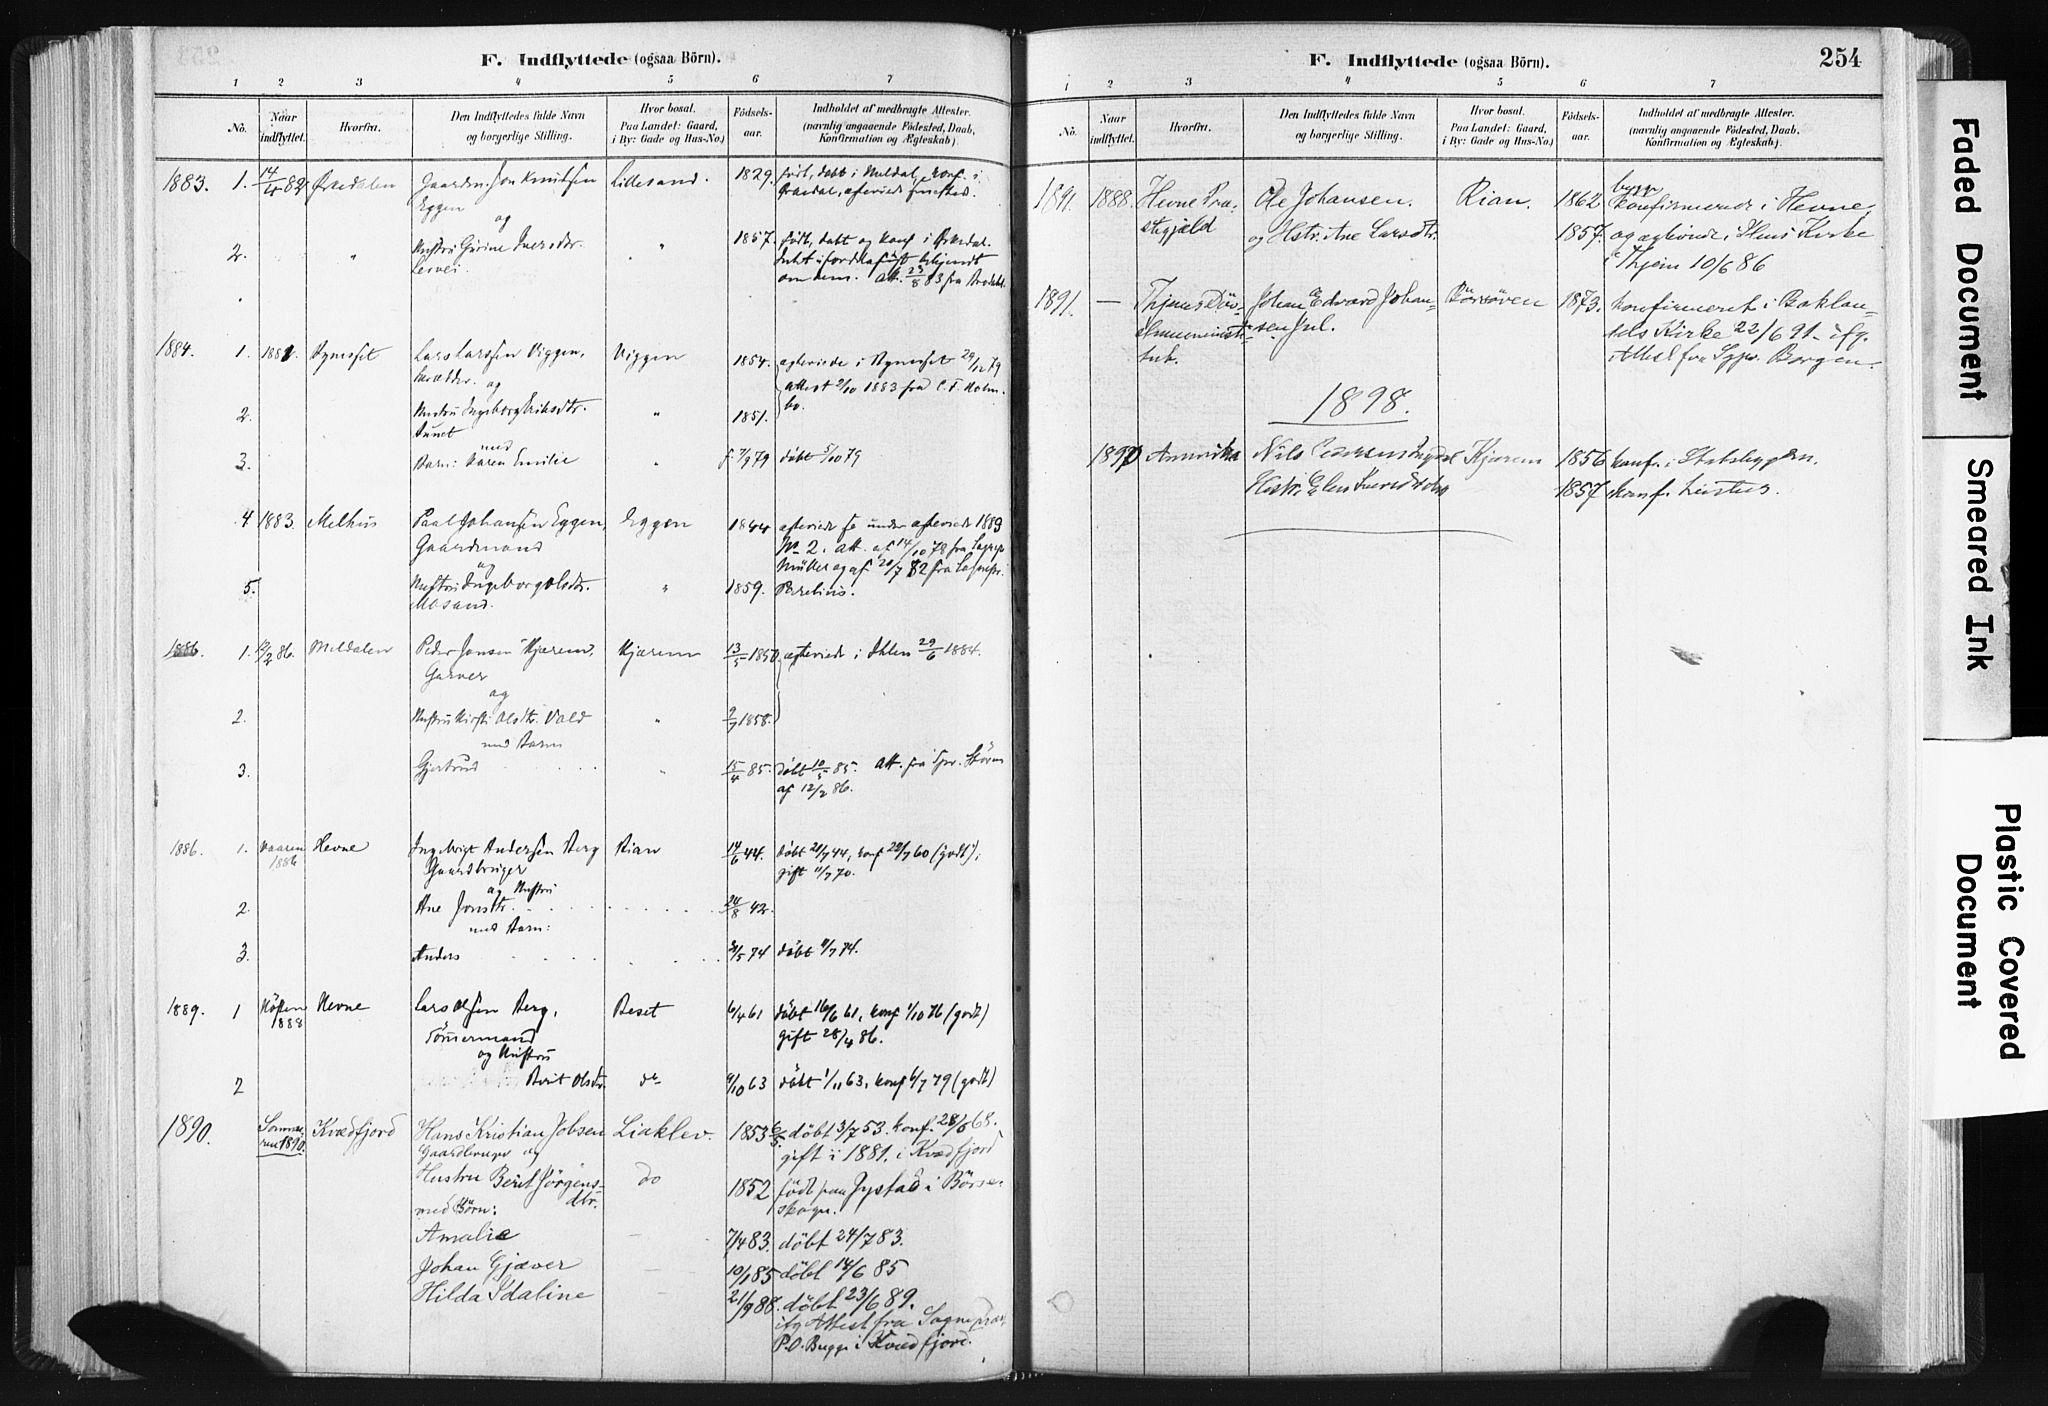 SAT, Ministerialprotokoller, klokkerbøker og fødselsregistre - Sør-Trøndelag, 665/L0773: Ministerialbok nr. 665A08, 1879-1905, s. 254